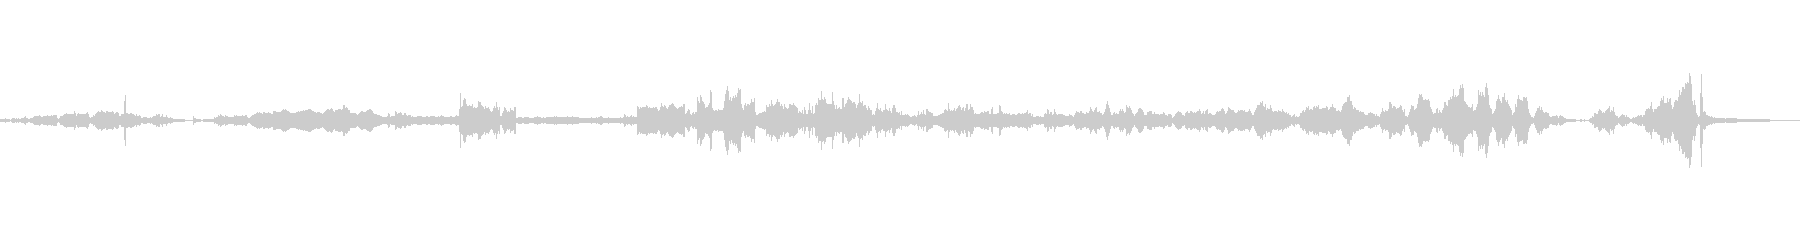 ピアノワイヤードリル、シン、ウィズ...の未再生の波形